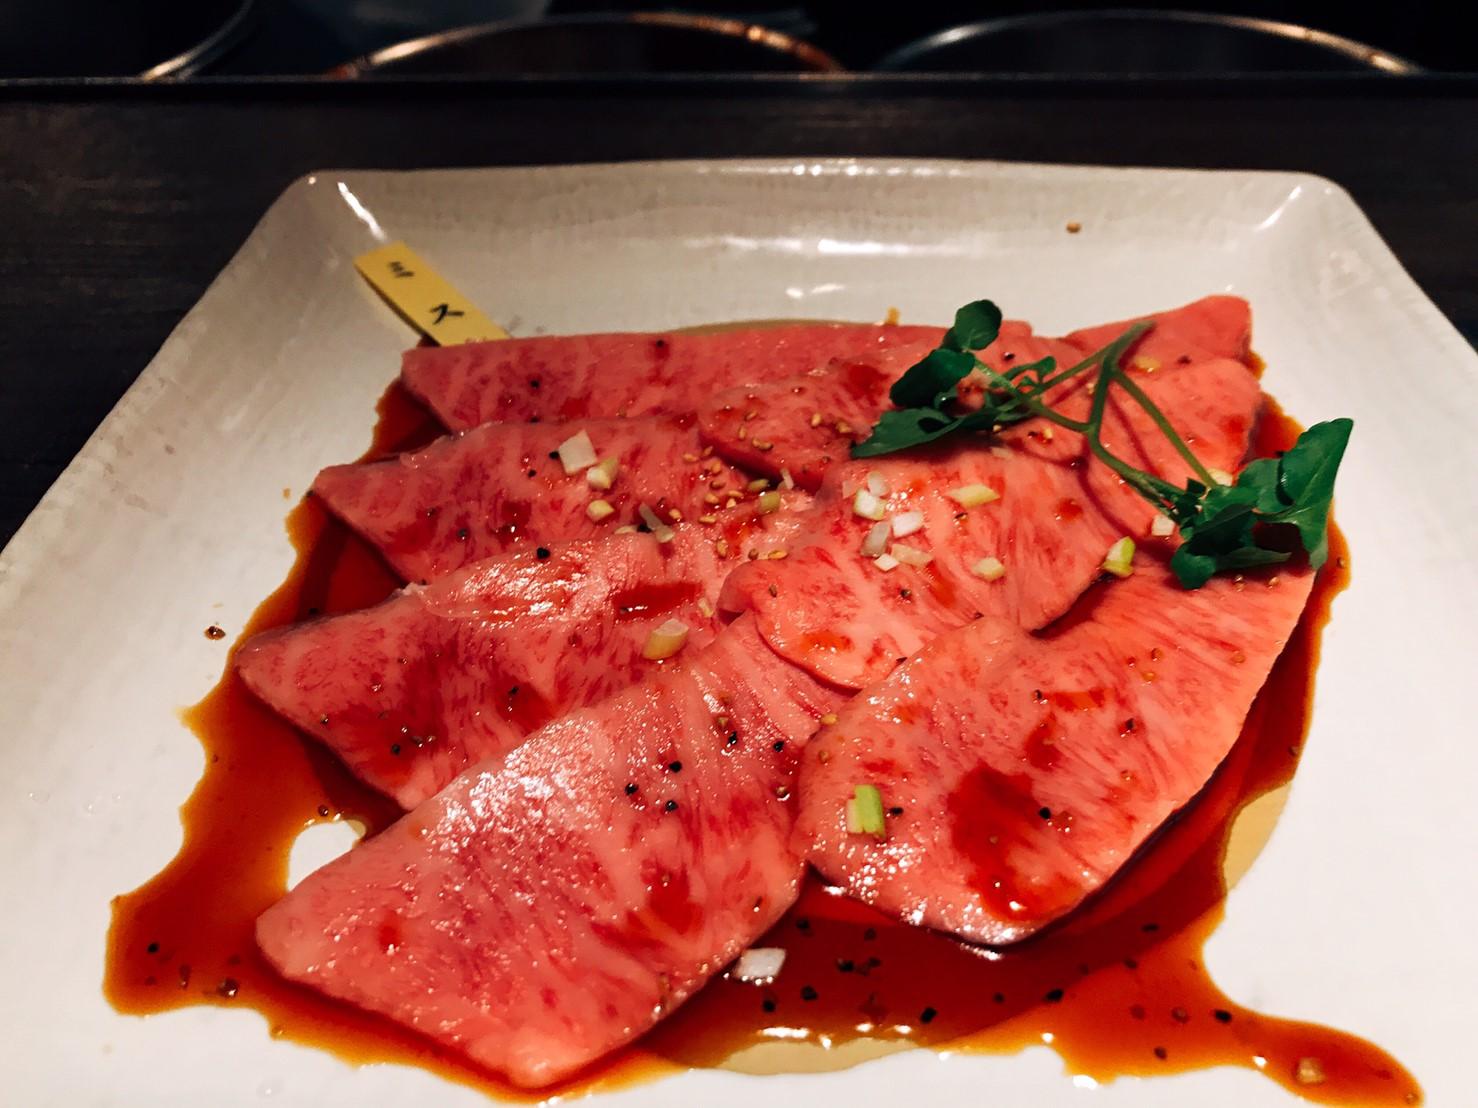 【名古屋久屋】李昇でお誕生日&記念日焼肉ディナー